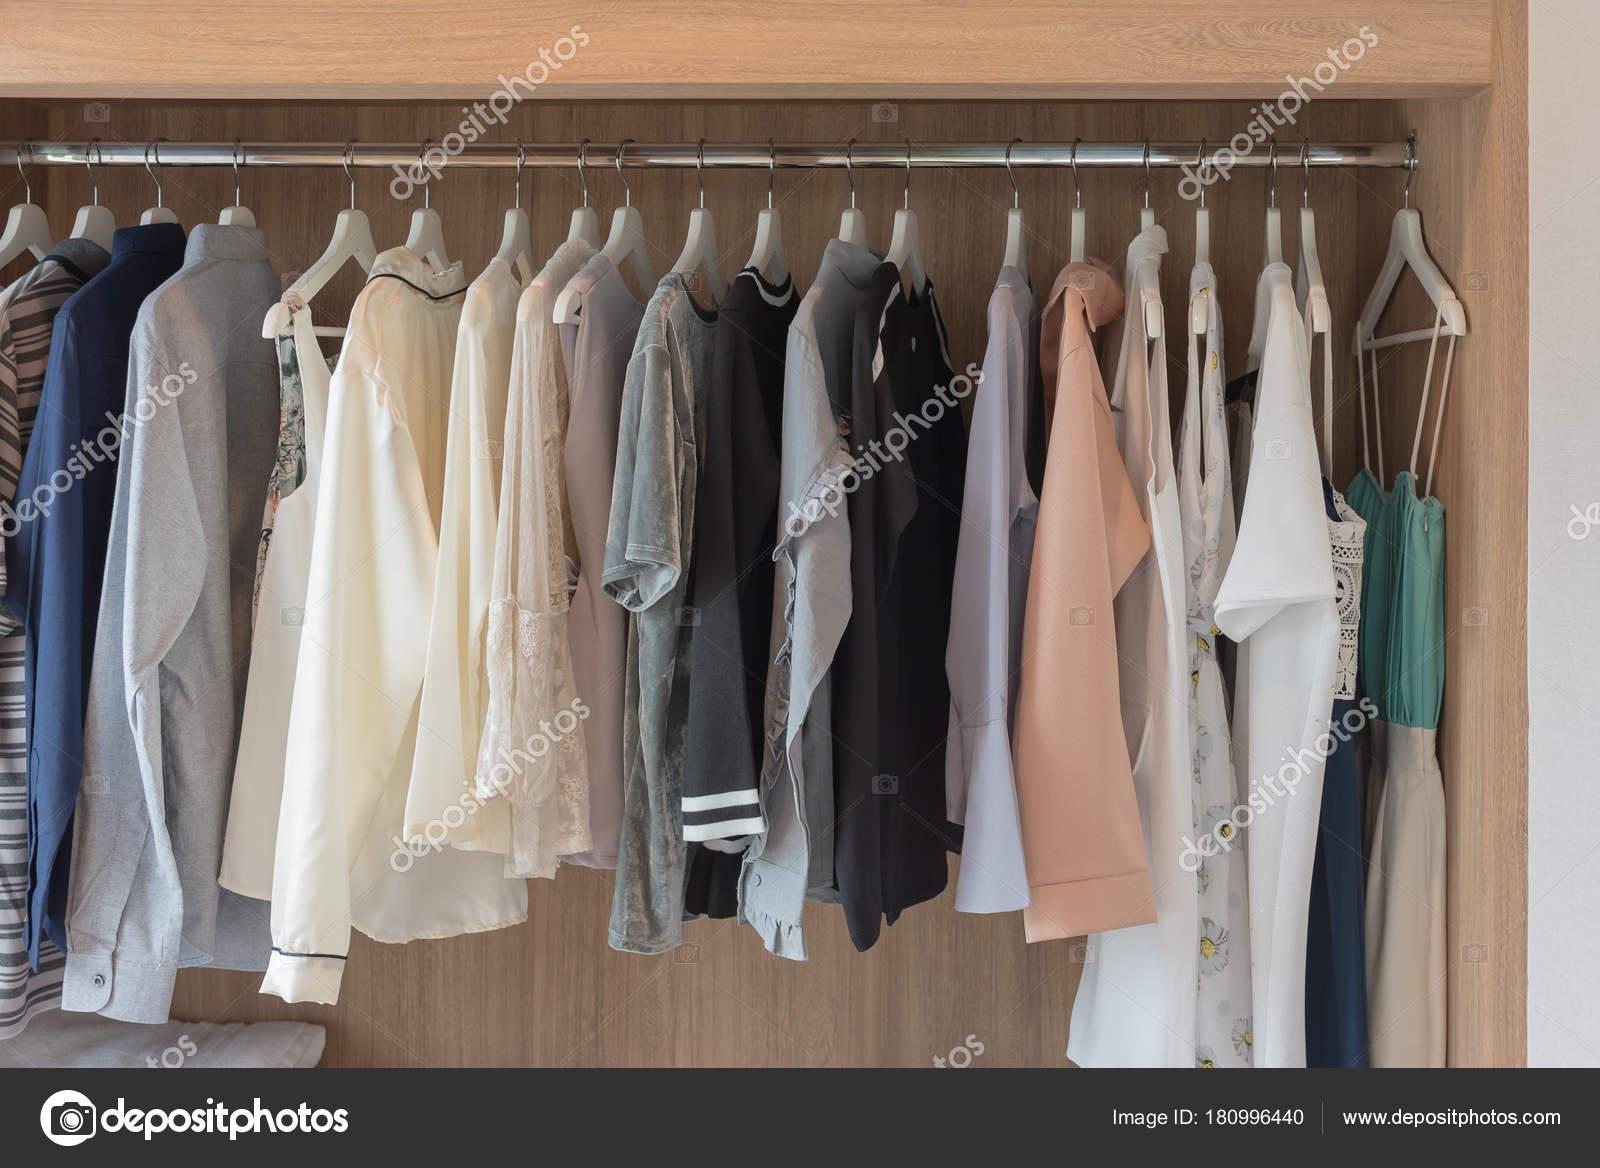 Holzschrank Mit Klamotten Auf Der Schiene Kleiderschrank